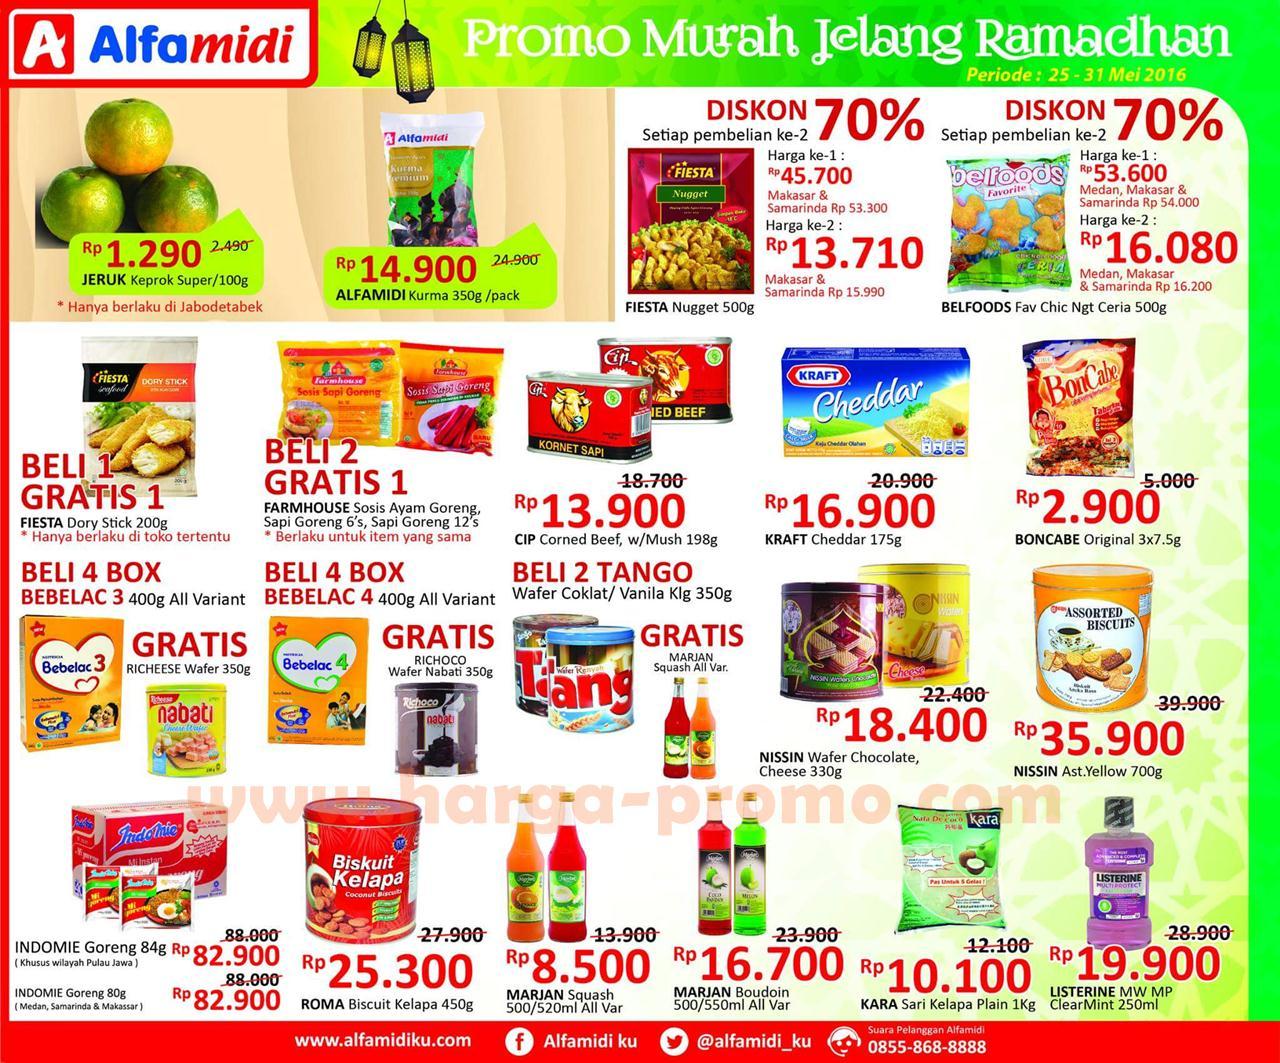 Katalog Promo Alfamidi Terbaru Promo Murah Jelang Ramadhan Periode 25 31 Mei 2016 Up To Date Post